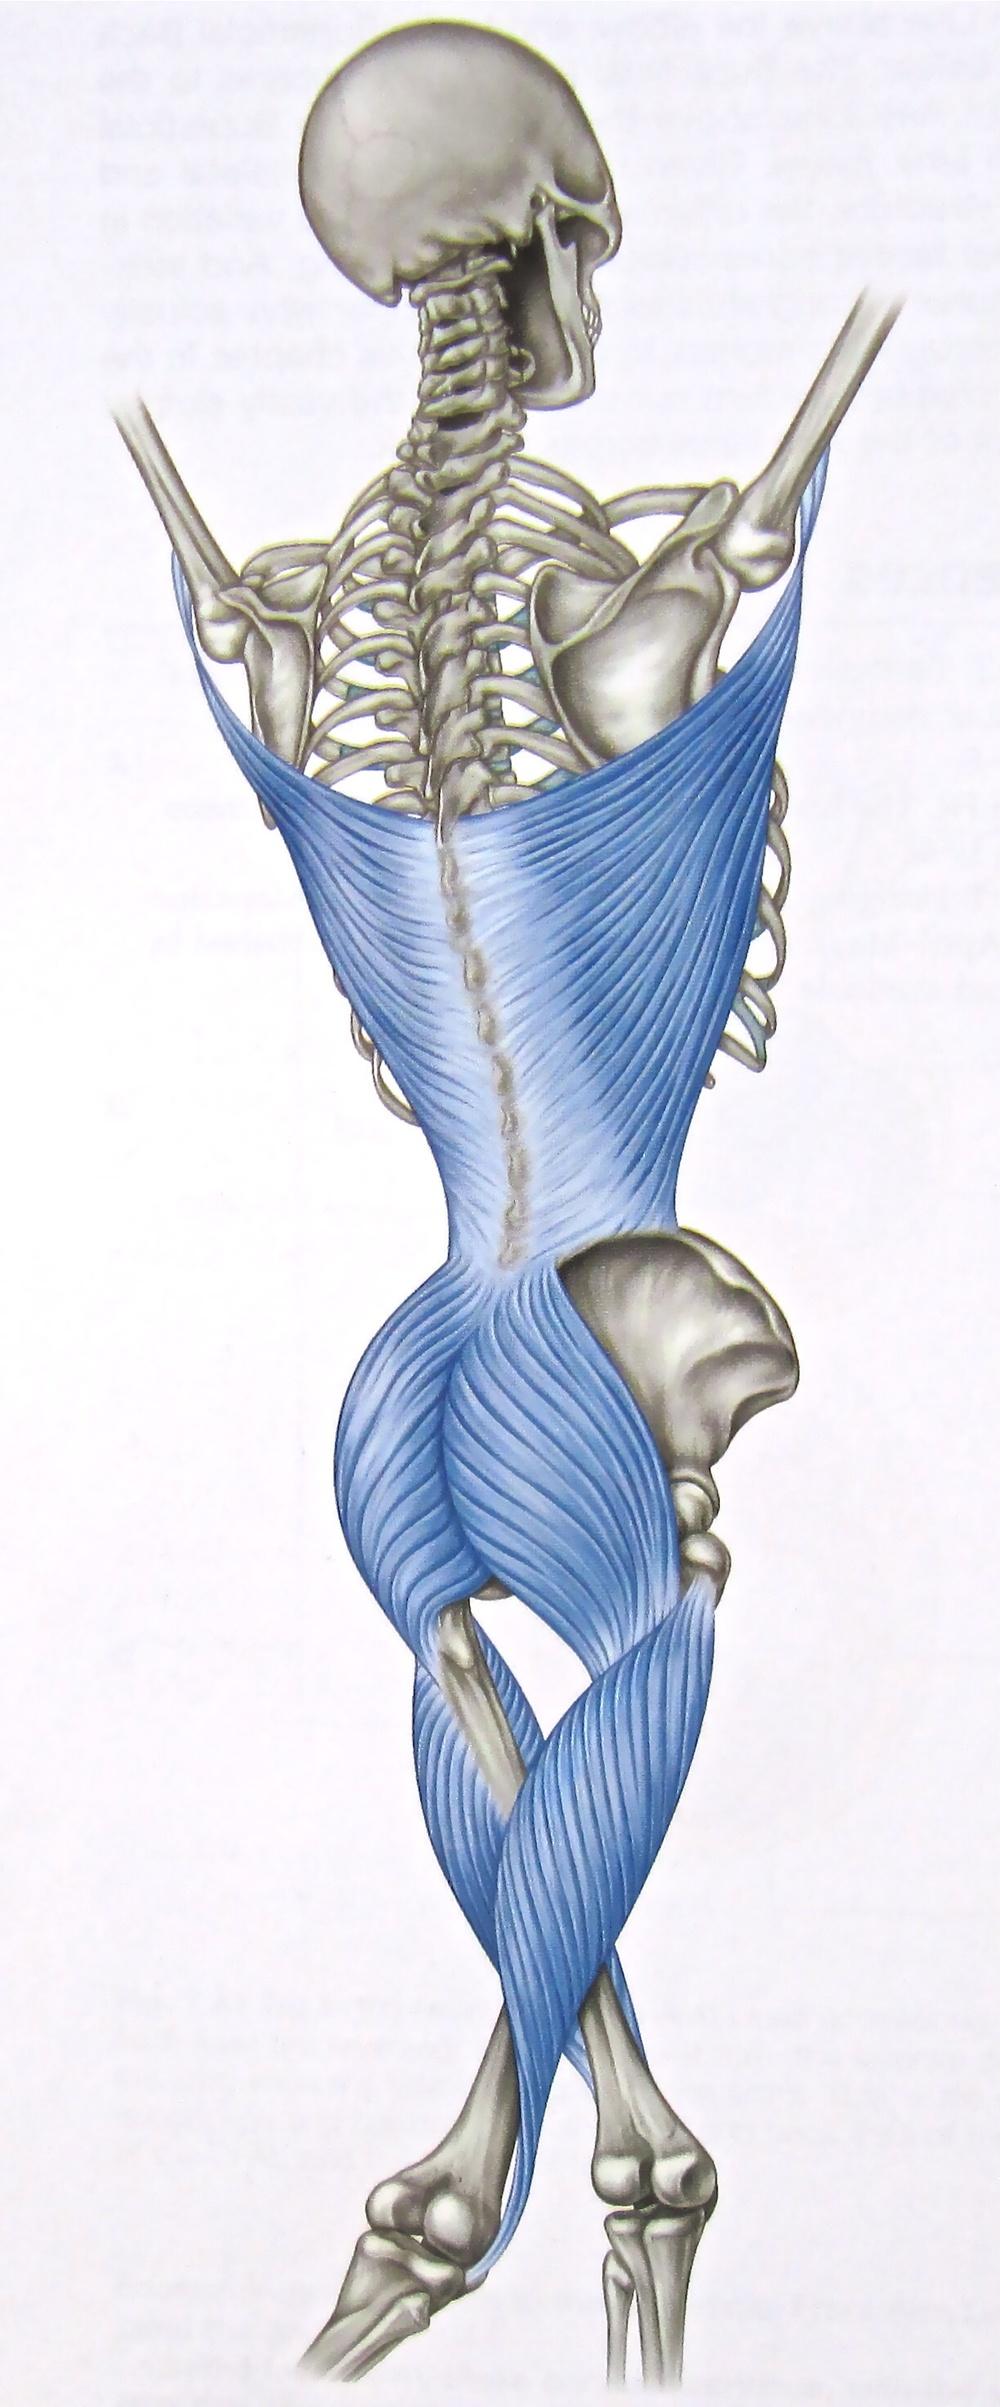 Thoraco-lumbar Fascia. *Taken from Thomas Myers 'Anatomy Trains'.